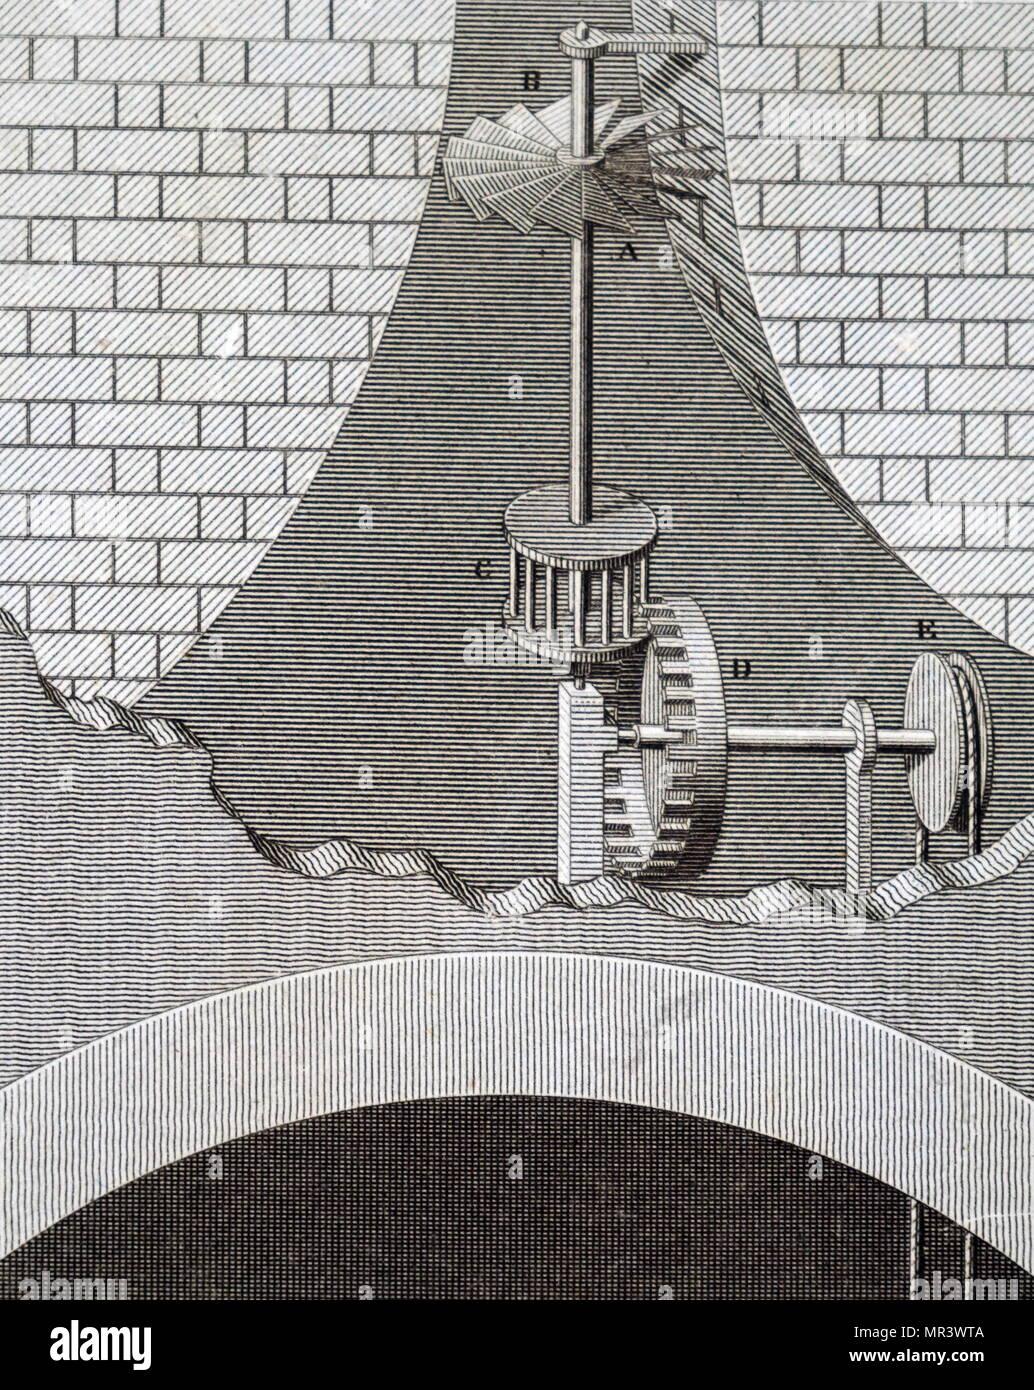 Kupferstich mit der Darstellung eines Rauch Jack: Heiße Luft steigt in Schornstein wirkt auf die Flügel, A, B, C Achse des Ritzels, das Zahnrad eingreift. Gerillte Holzrad, E, mit Seil oder Kette Antrieb zu spucken auf Hearth unten. Vom 19. Jahrhundert Stockbild